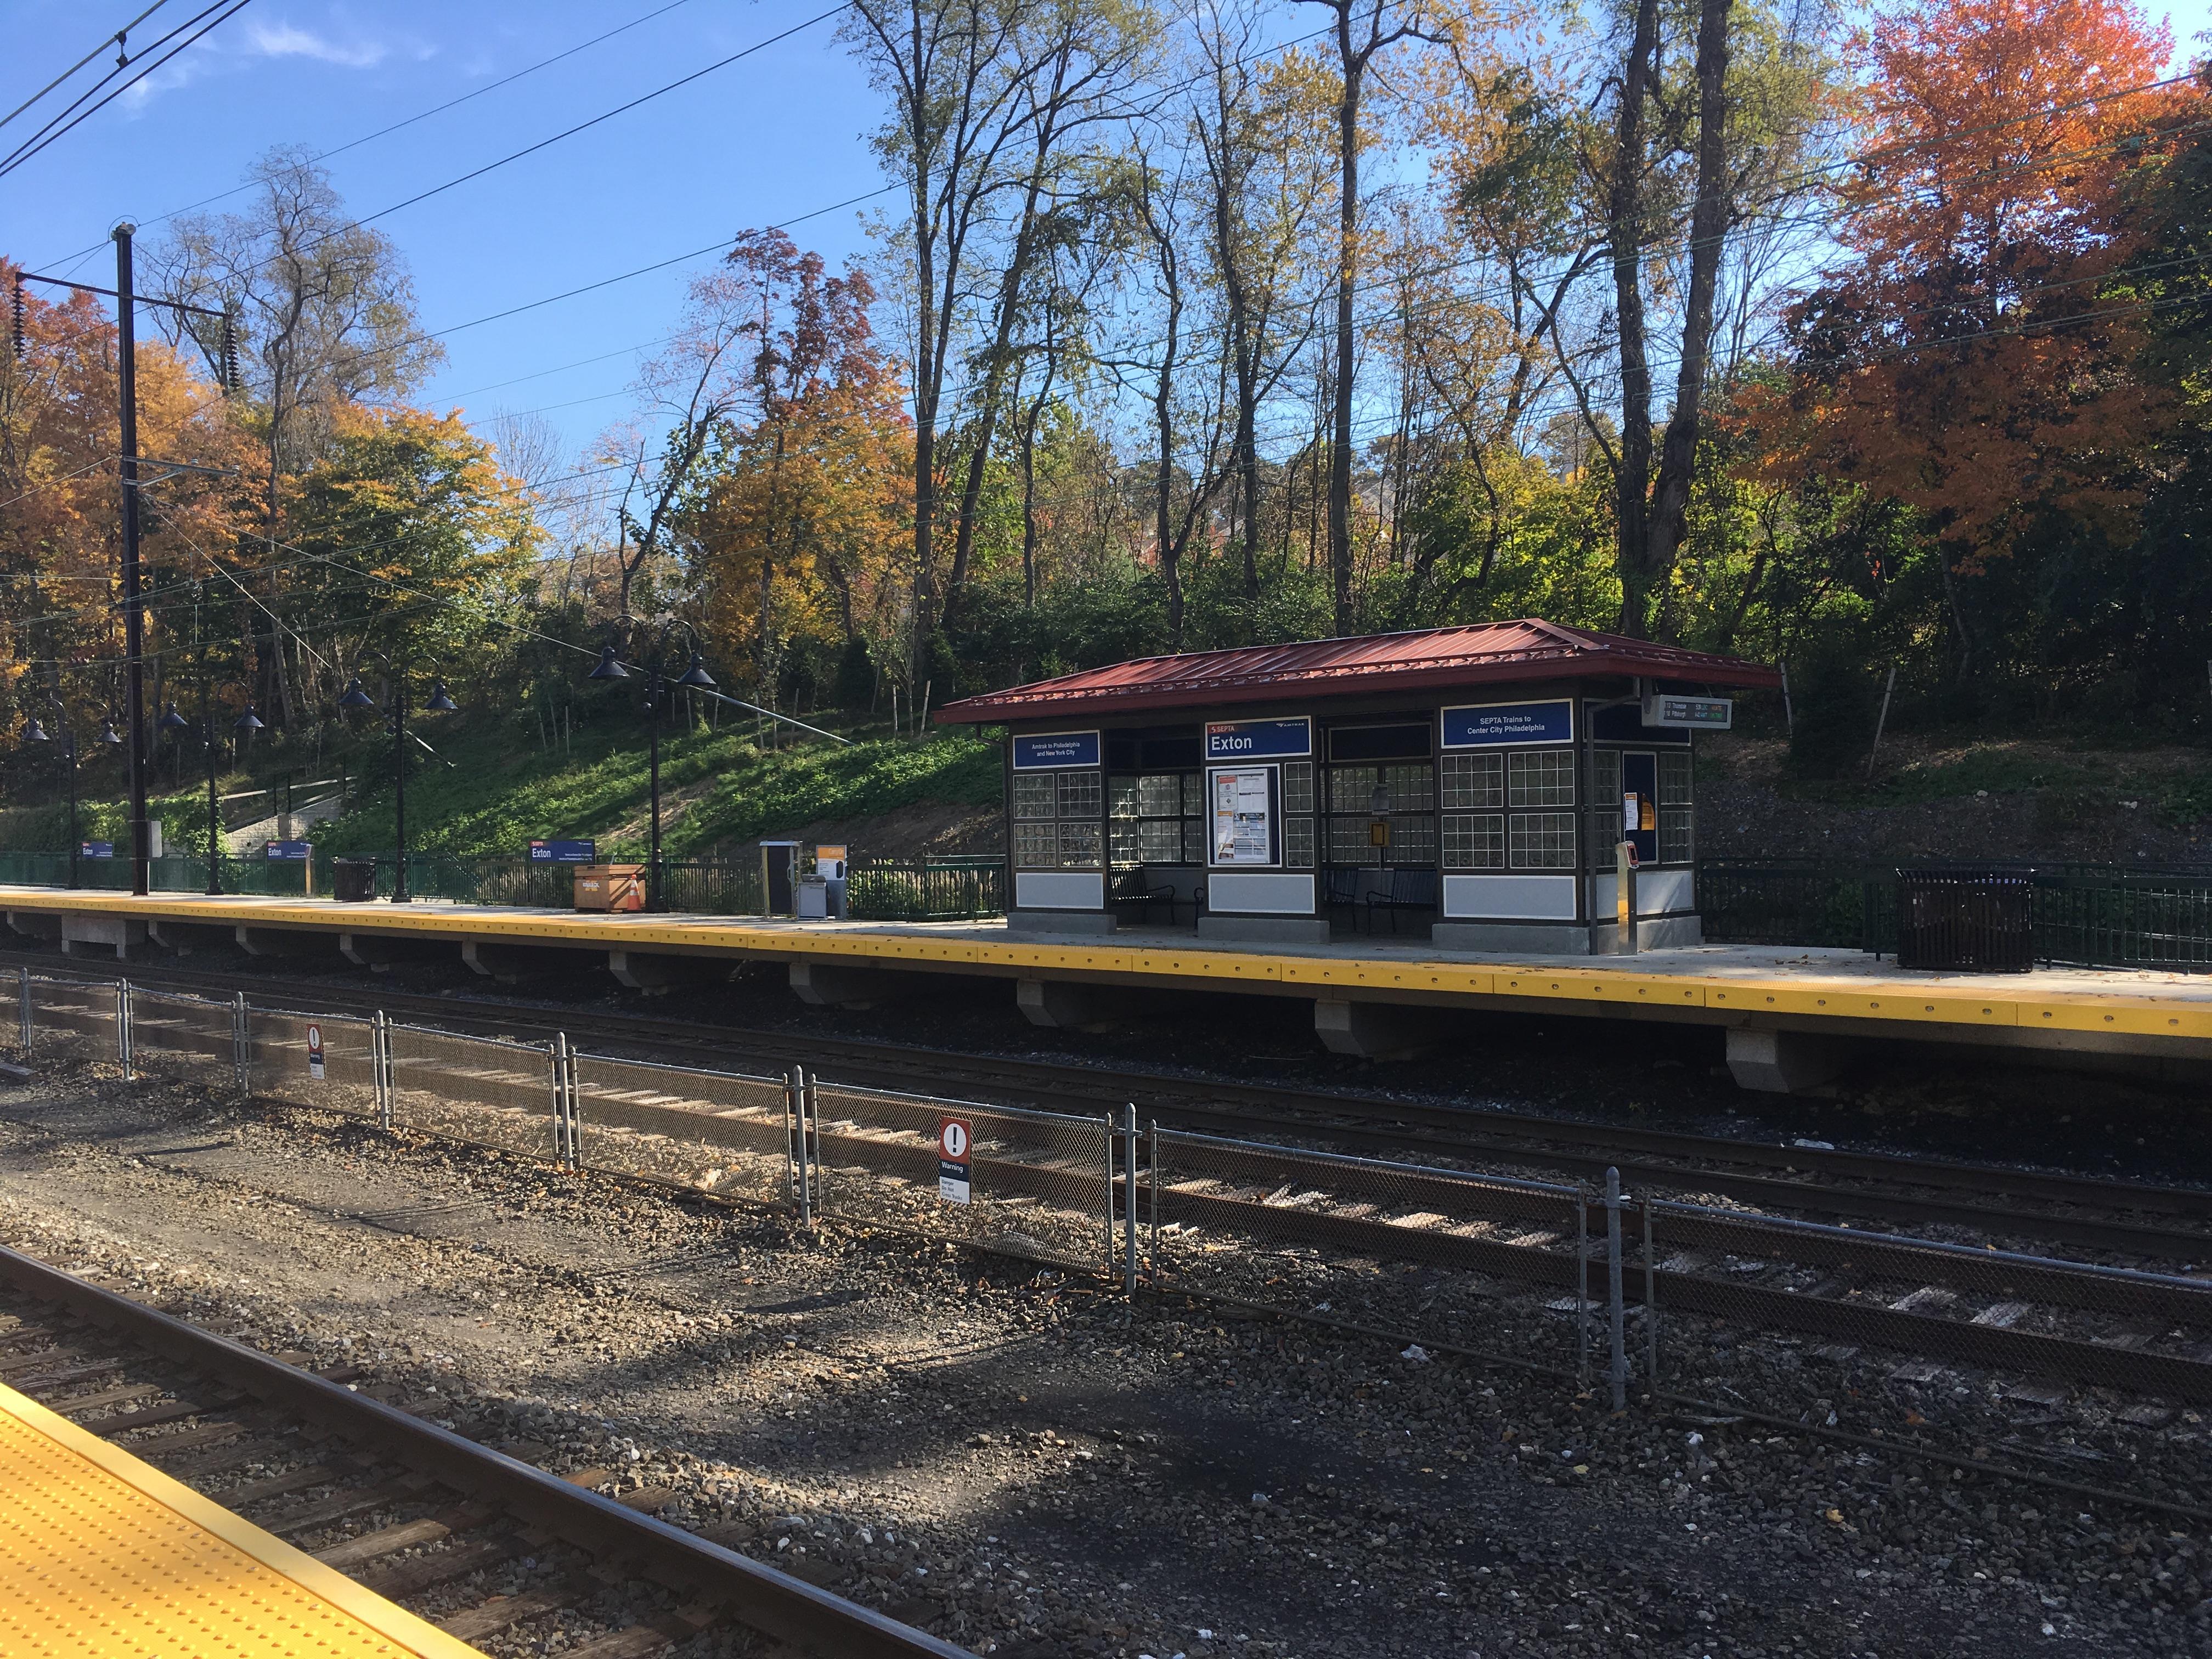 Exton Station Pennsylvania Wikipedia